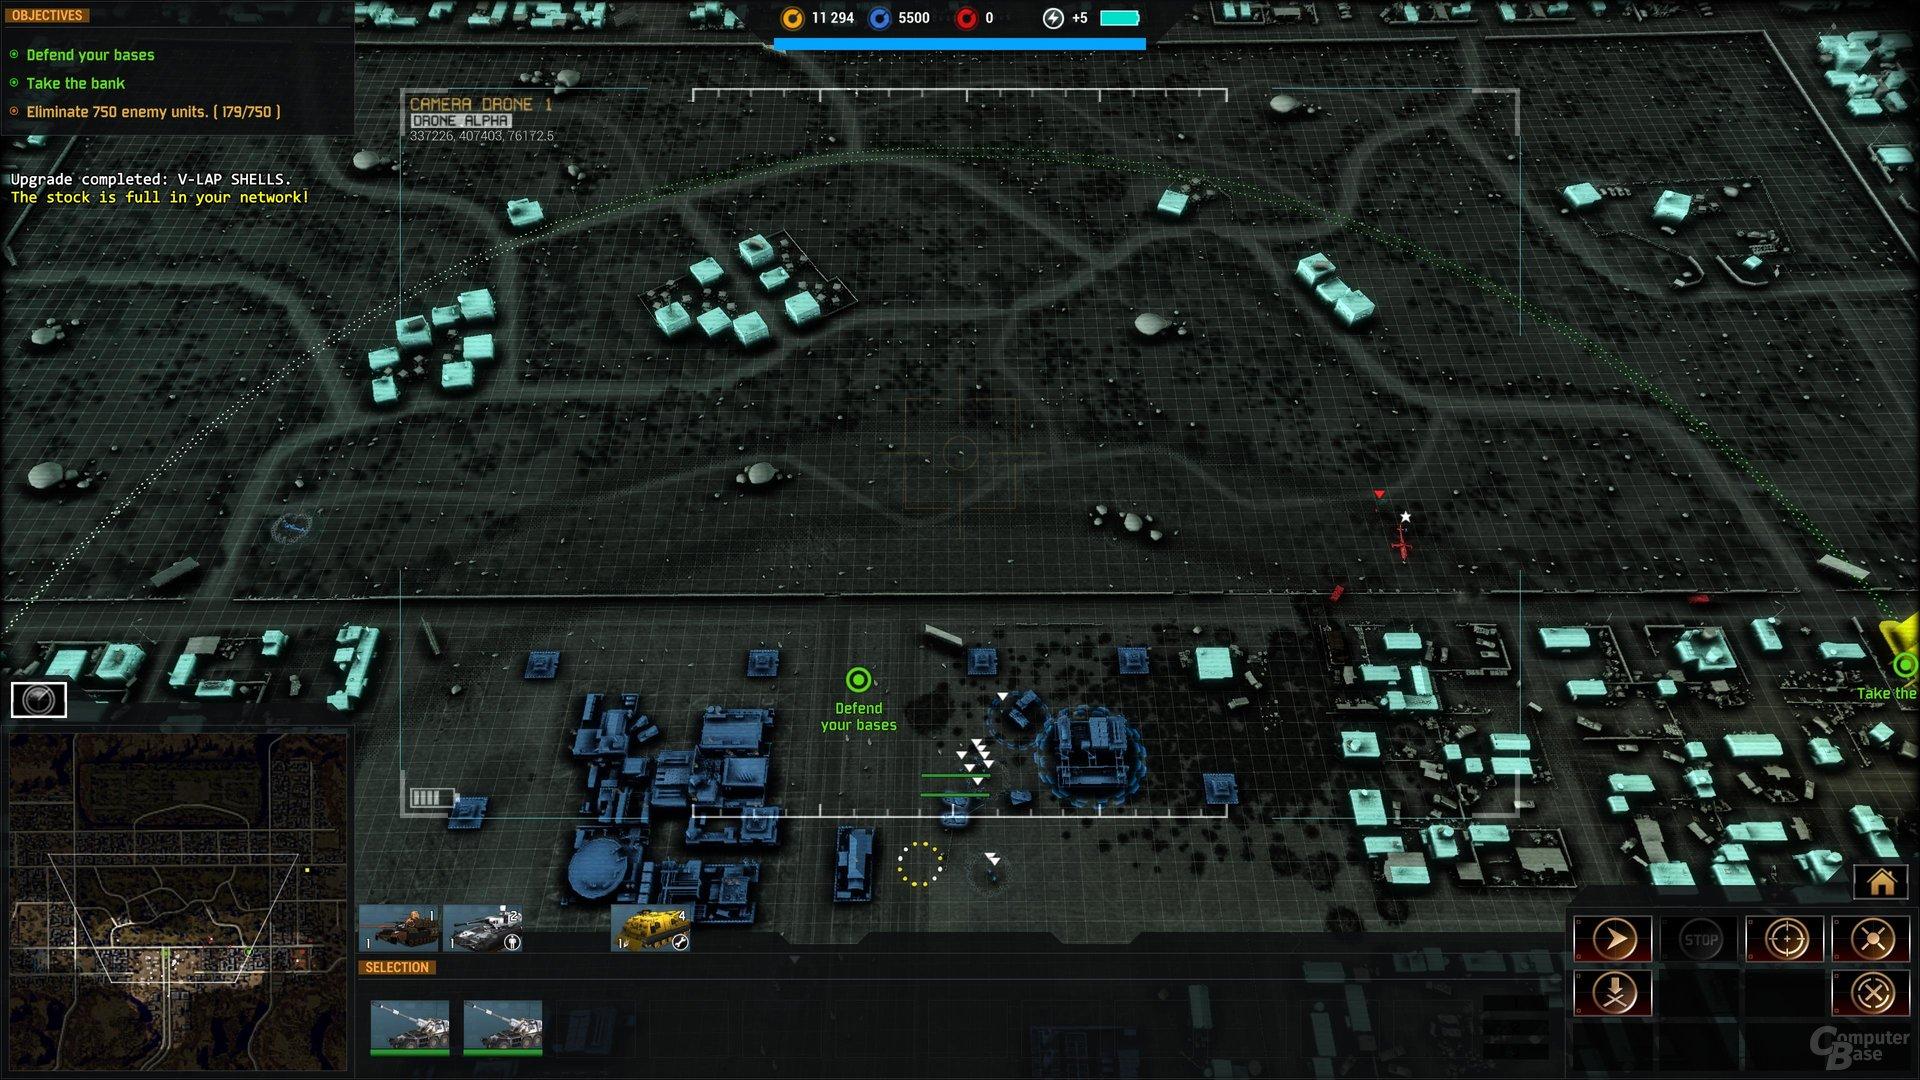 Taktik-Perspektive: Die beachtliche Reichweite der Artillerie wird mit Punkten markiert